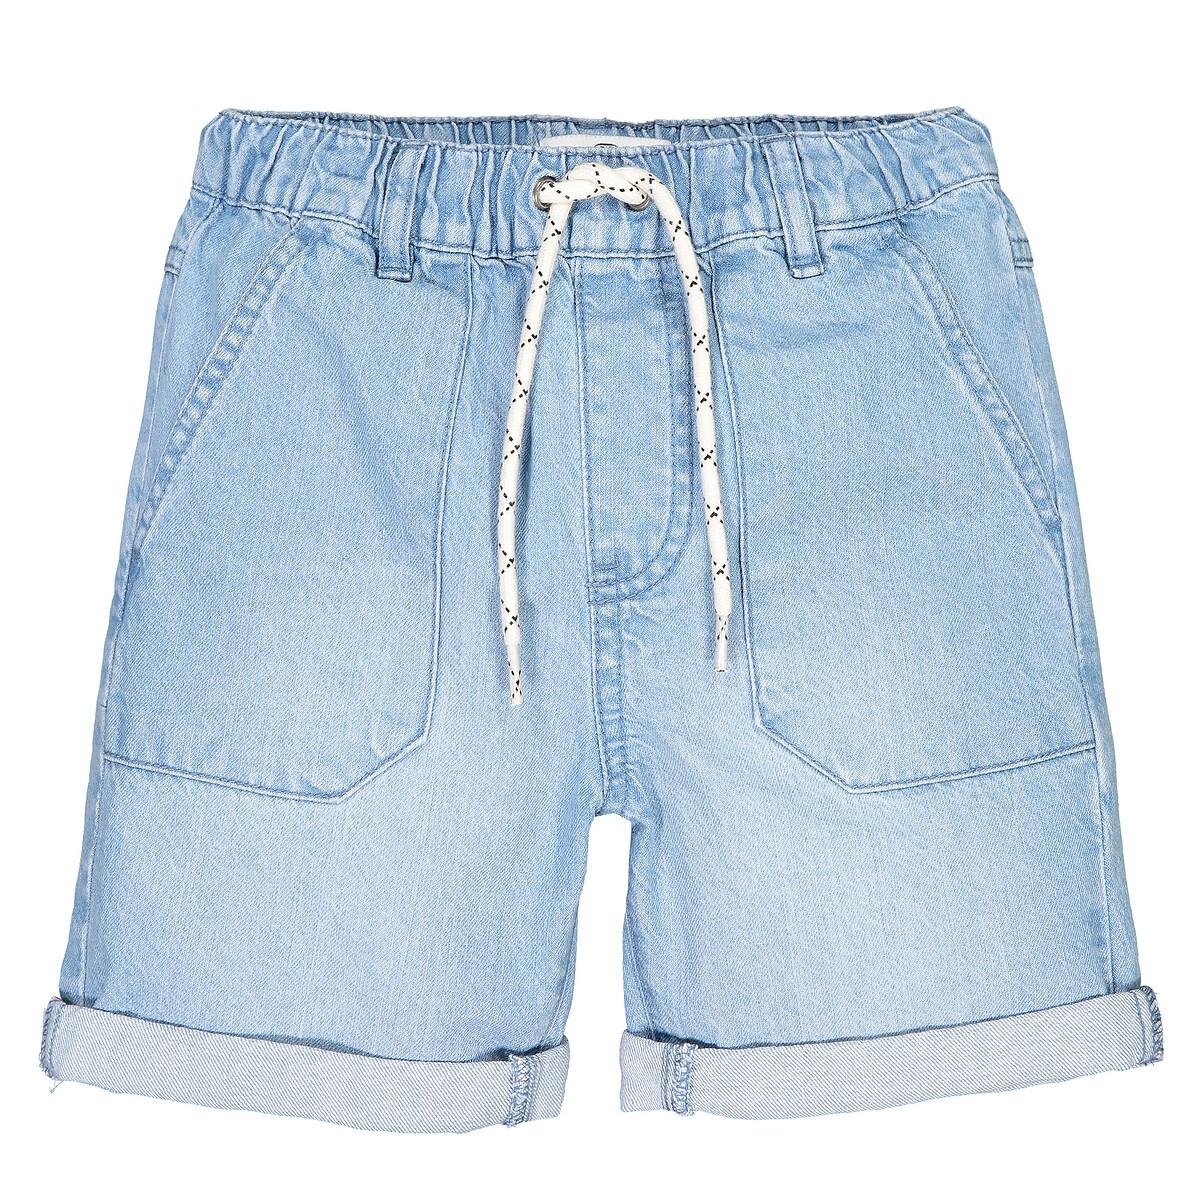 Бермуды LaRedoute Из джинсовой ткани 3-12 лет 9 синий жакет la redoute из джинсовой ткани 3 14 лет 5 лет 108 см синий